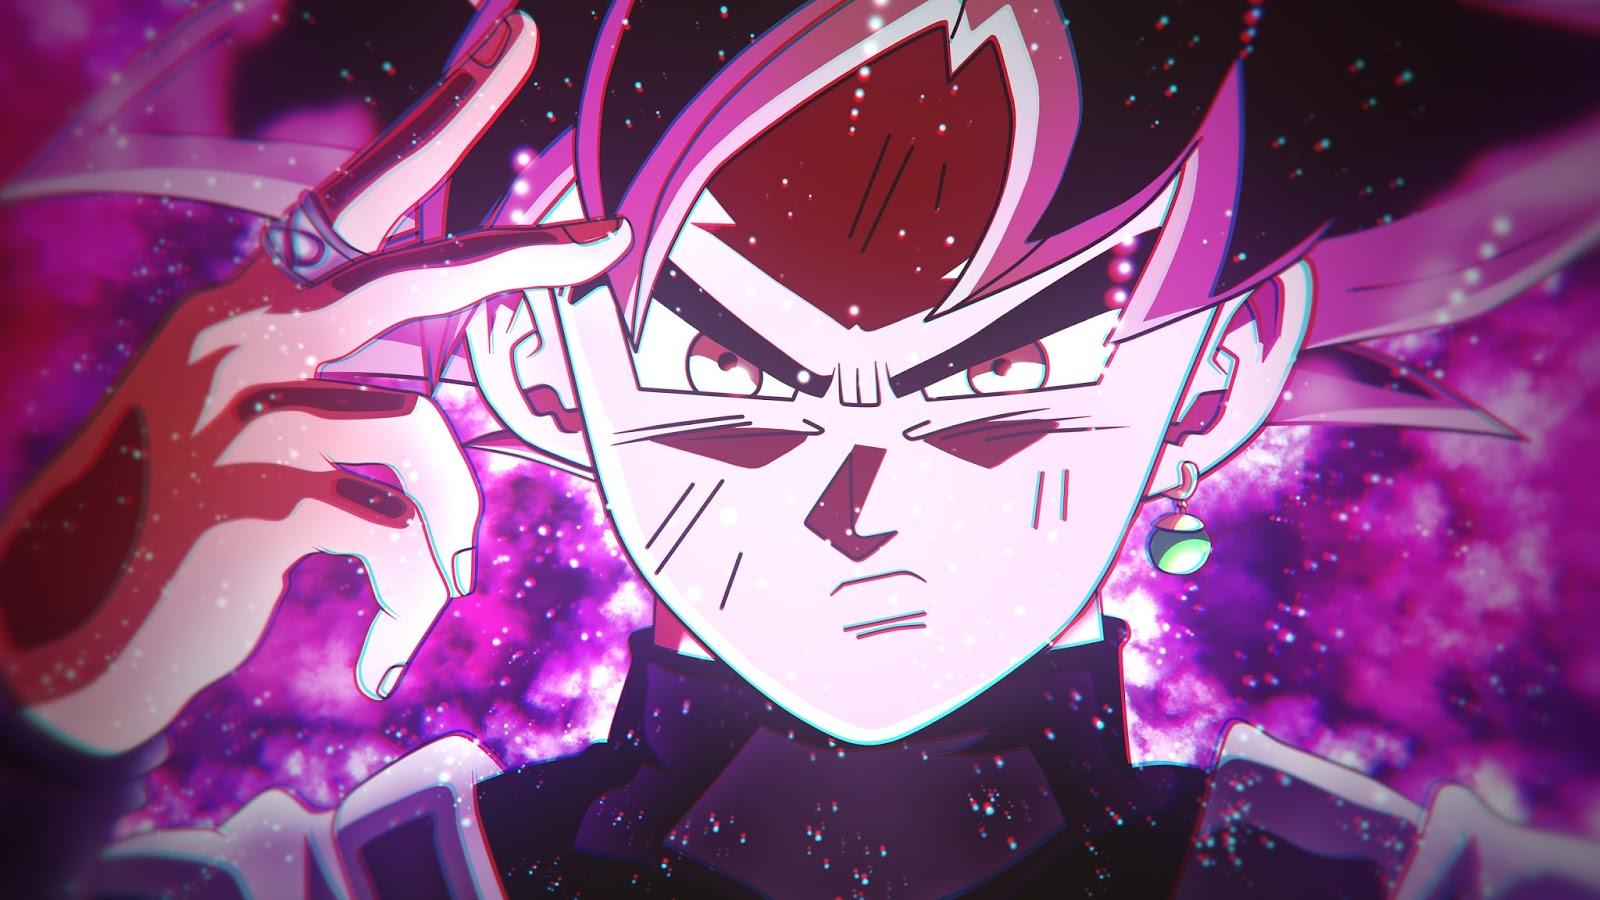 Tải hình nền Dragon Ball Super đẹp nhất Full HD cho máy tính